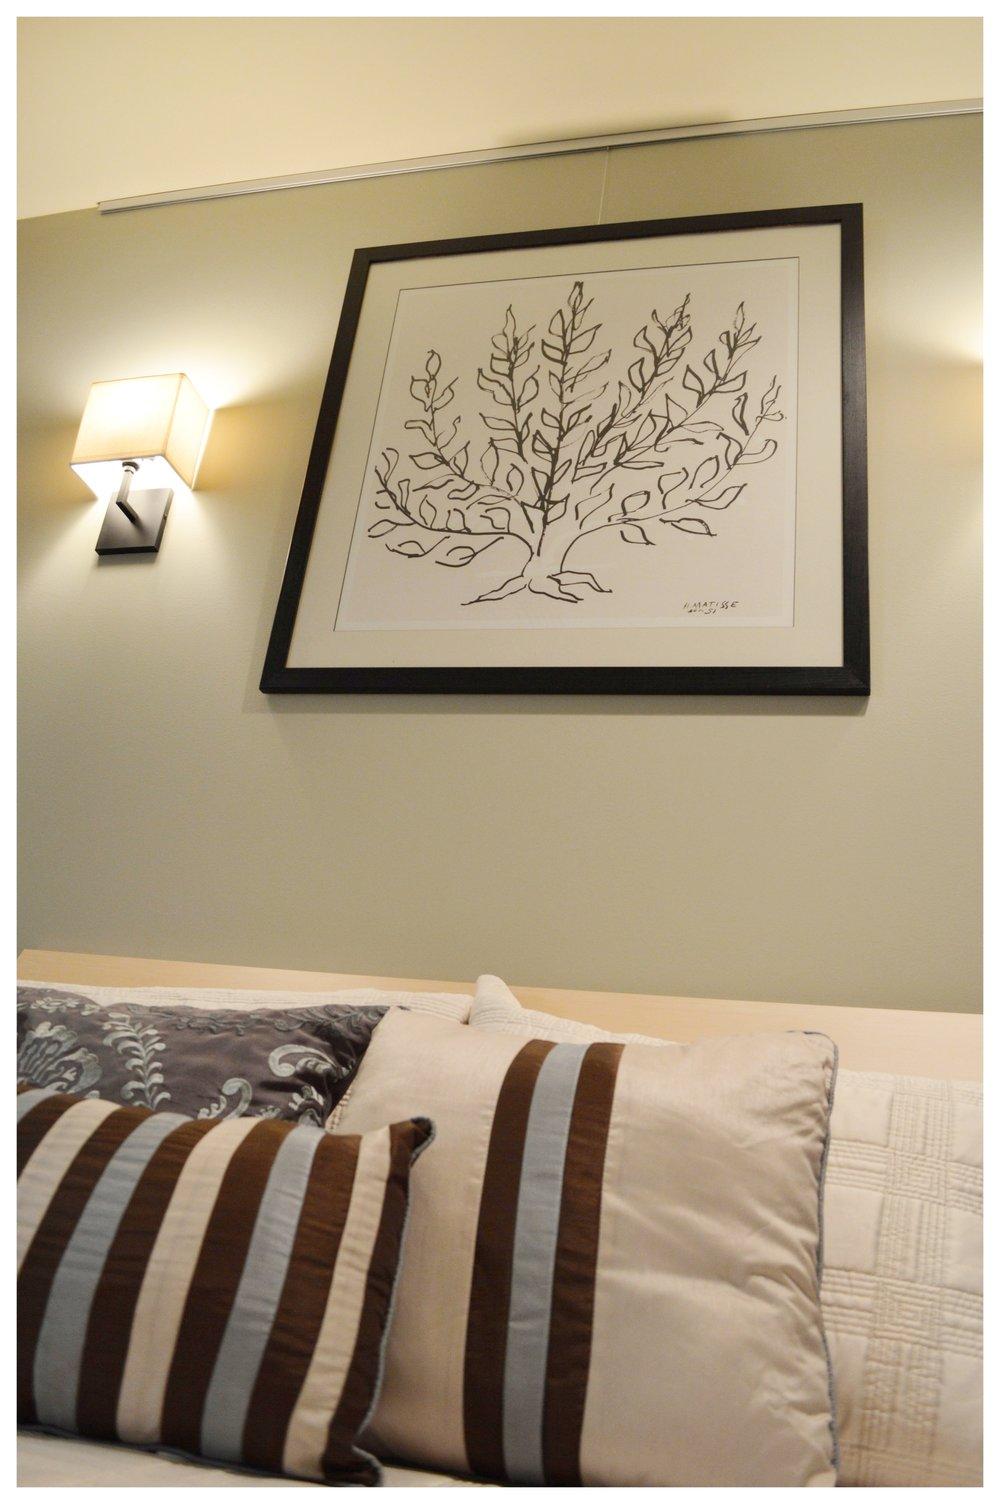 suite3 art.jpg